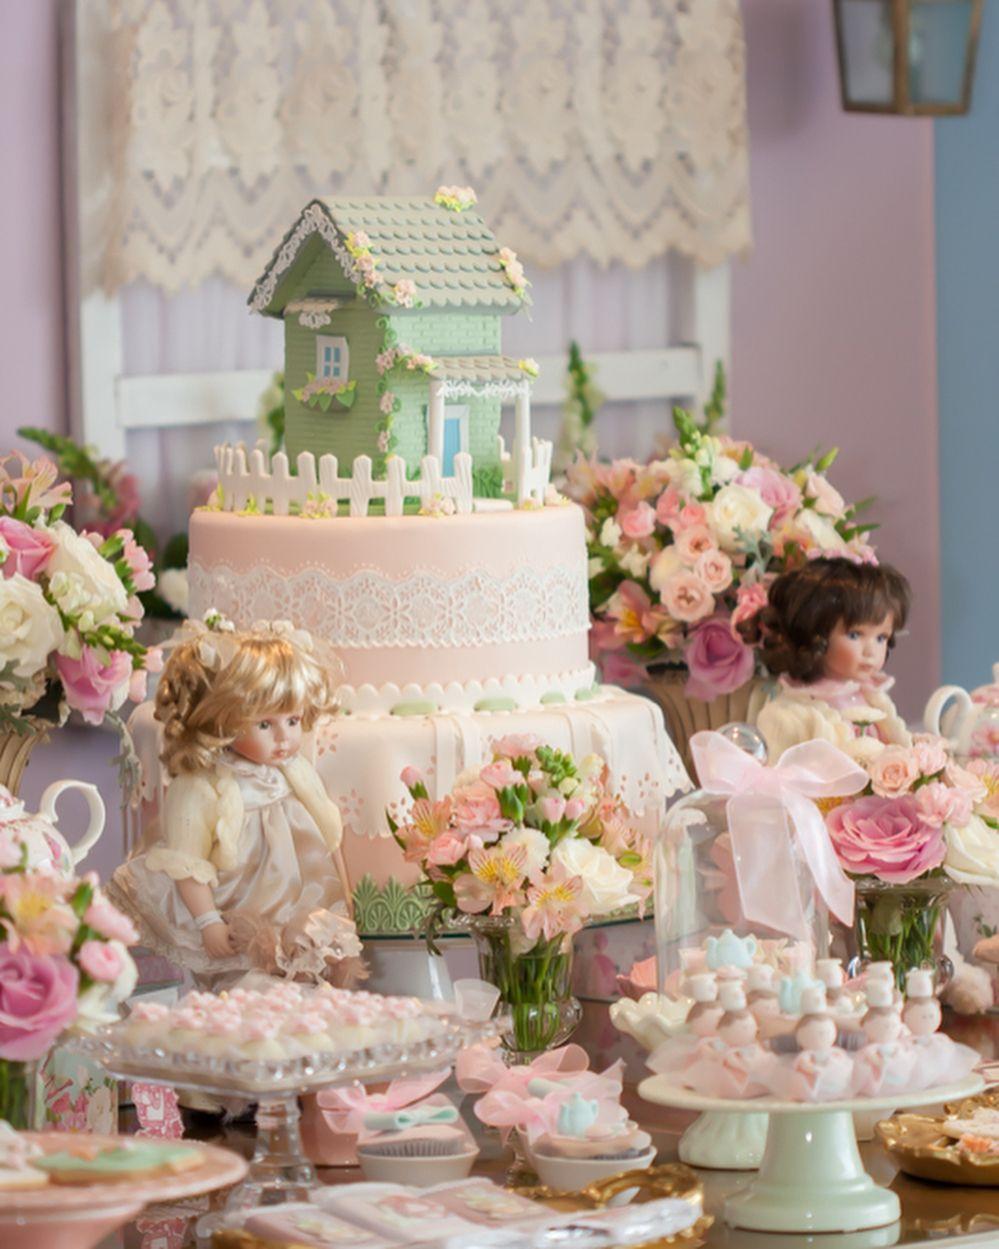 """237 curtidas, 12 comentários - Le Couple Festas (@lecouplefestas) no Instagram: """"Queremos morar nessa casinha! Perfeição de bolo do nosso parceiro @vojovinabuffet, que se supera em…"""""""